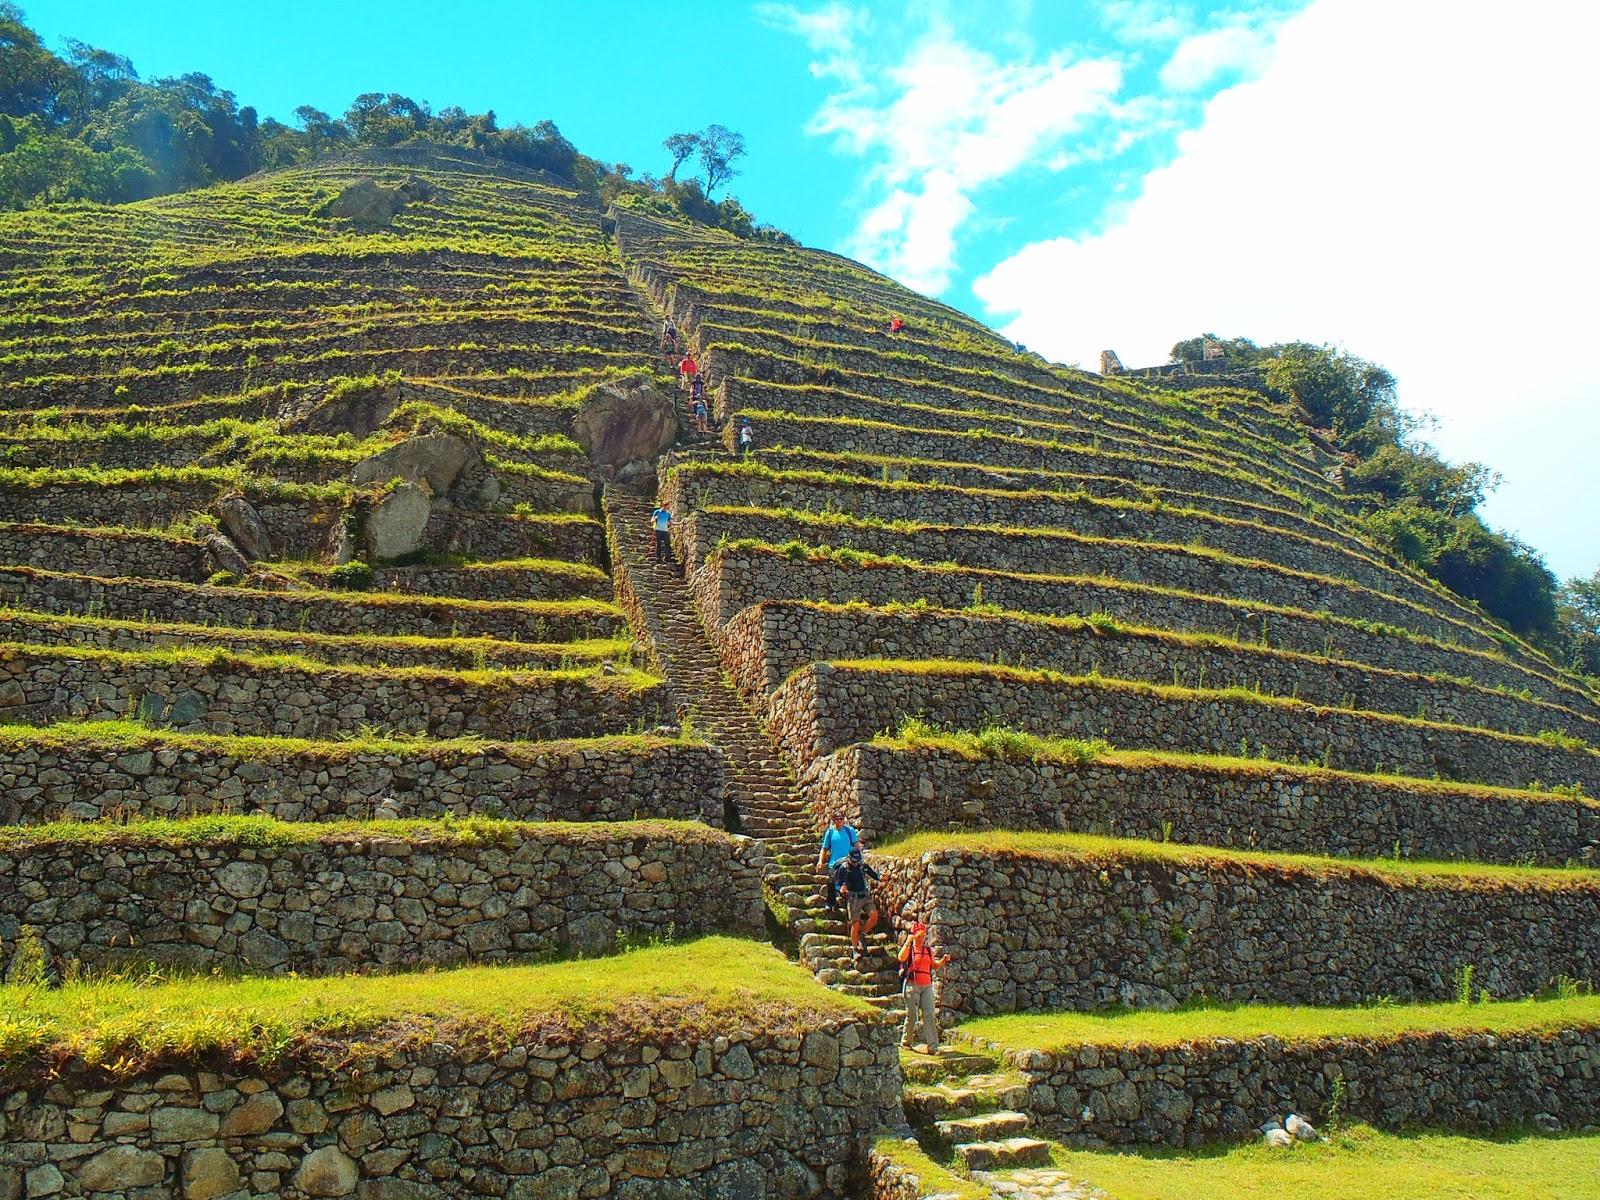 Intipata Peru